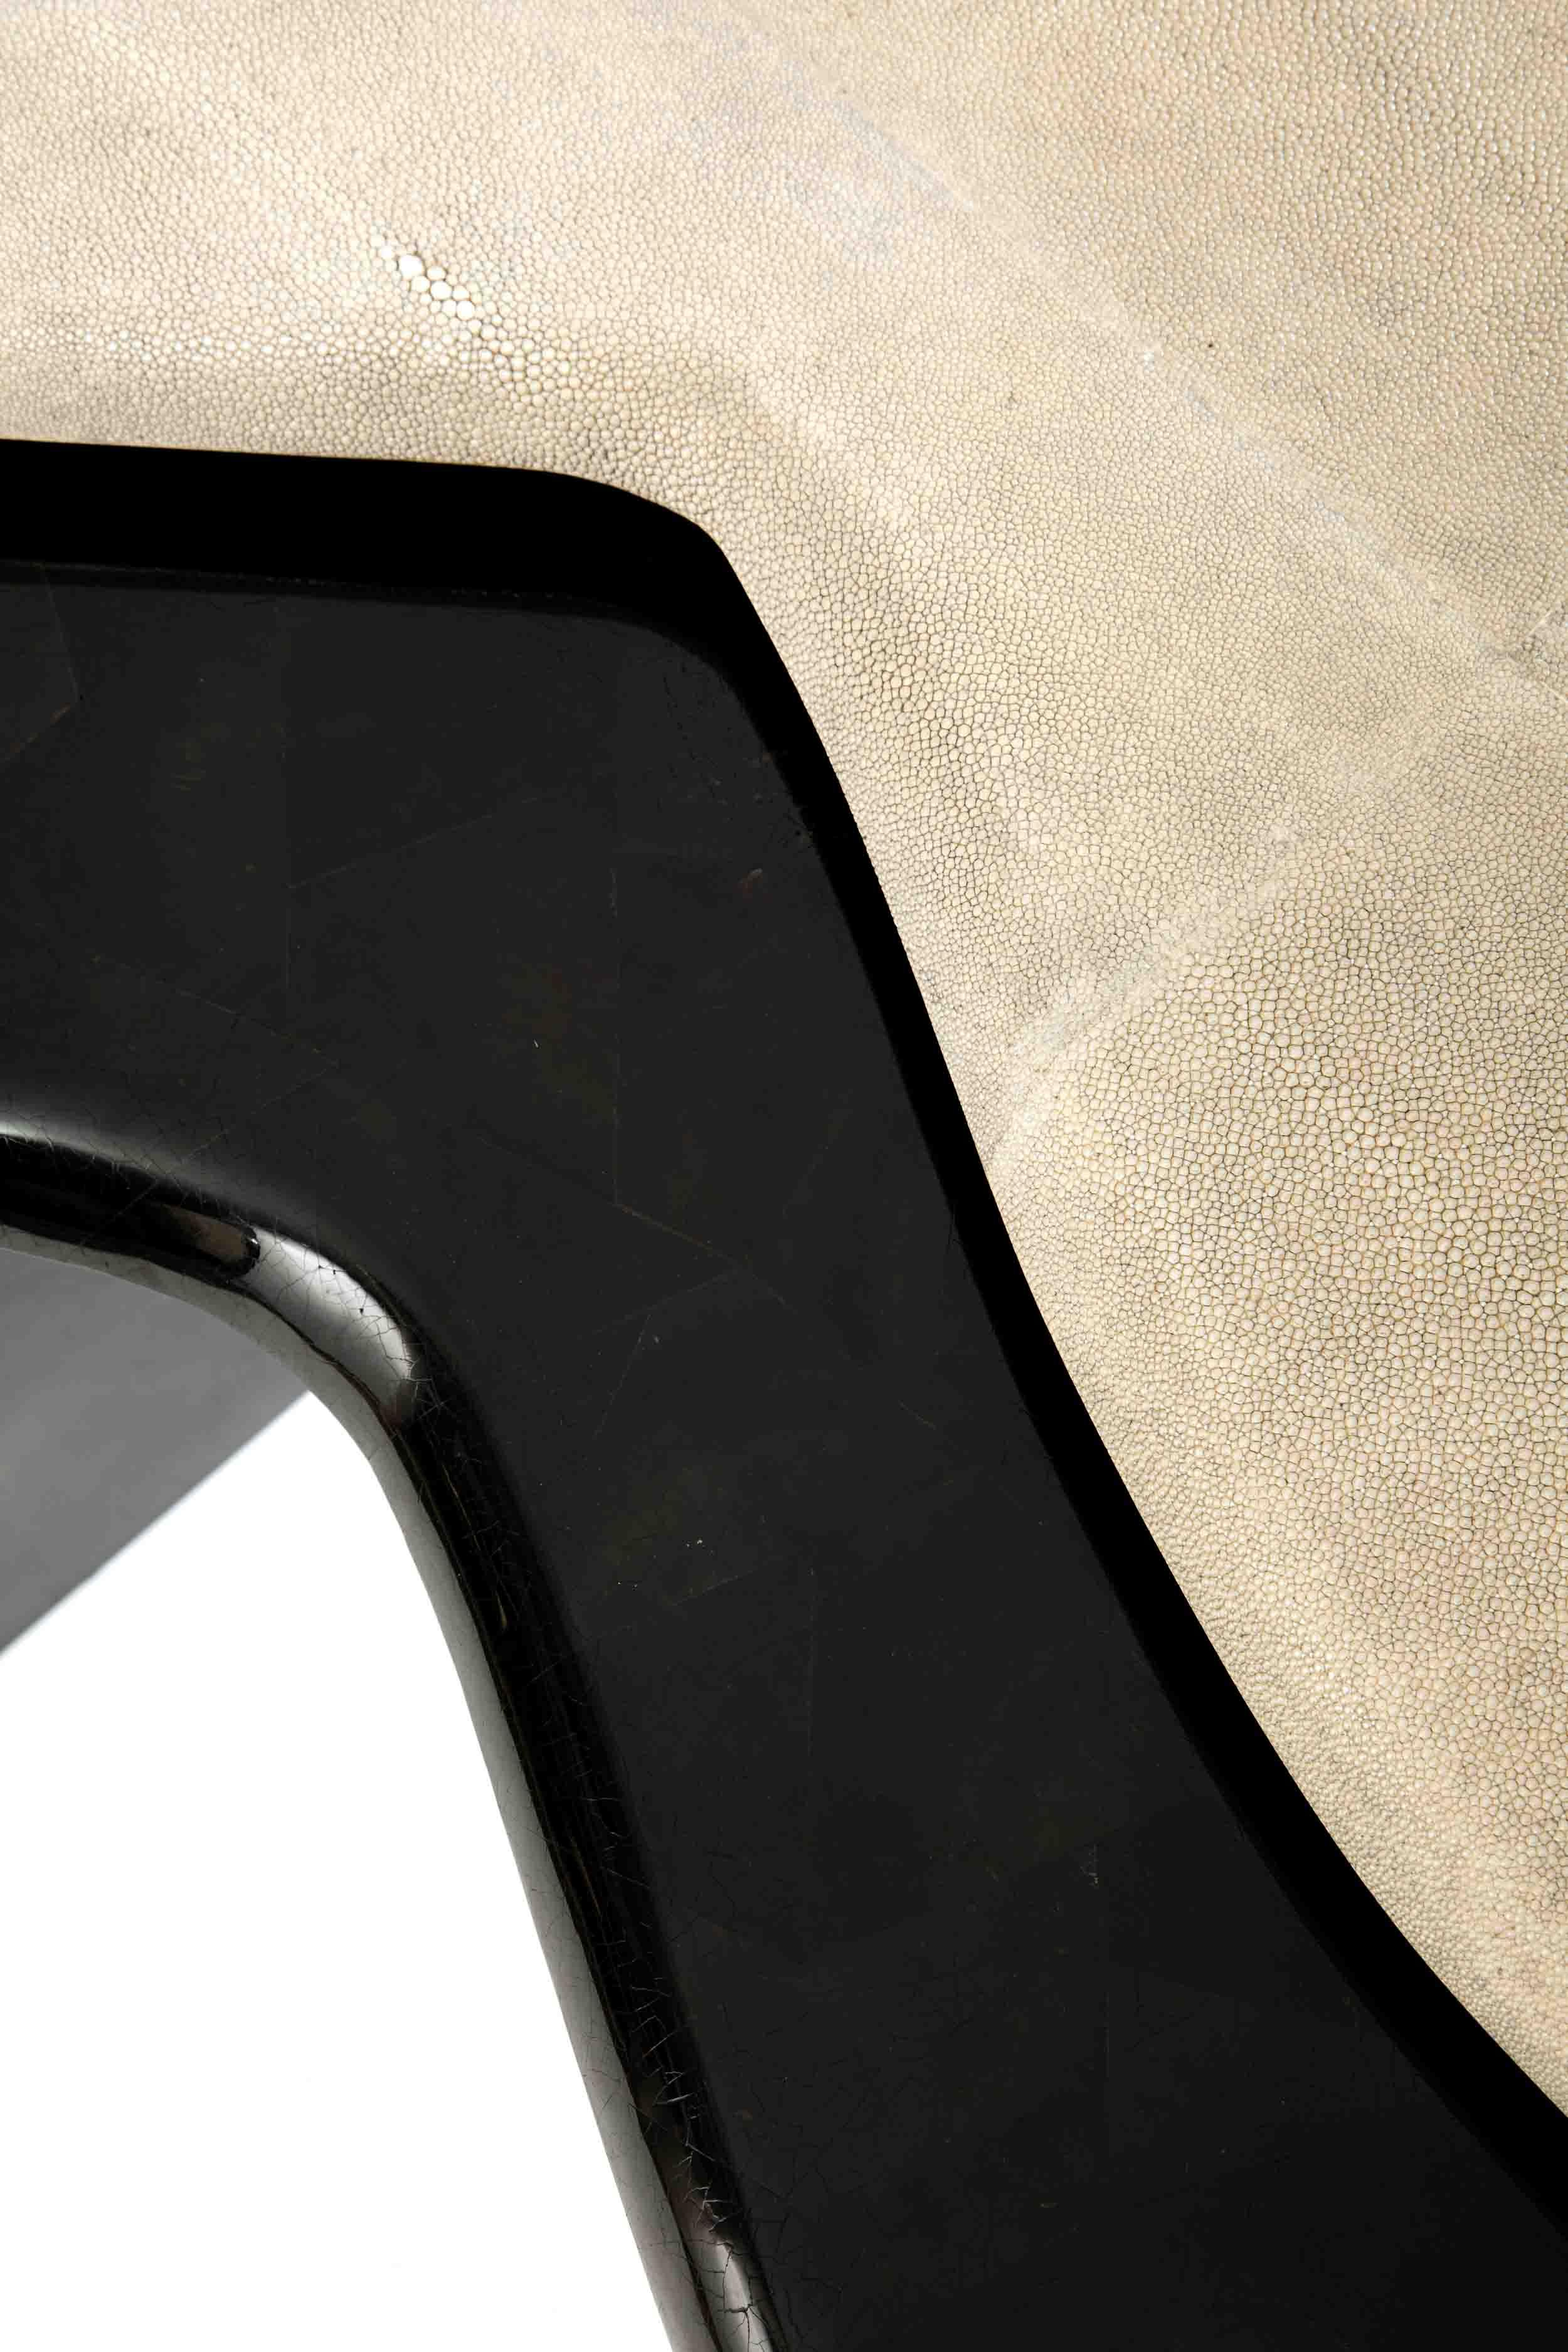 kifu-paris-materials-closeup-KST16-M-L9-&-KST16-L-D1-v2.jpg